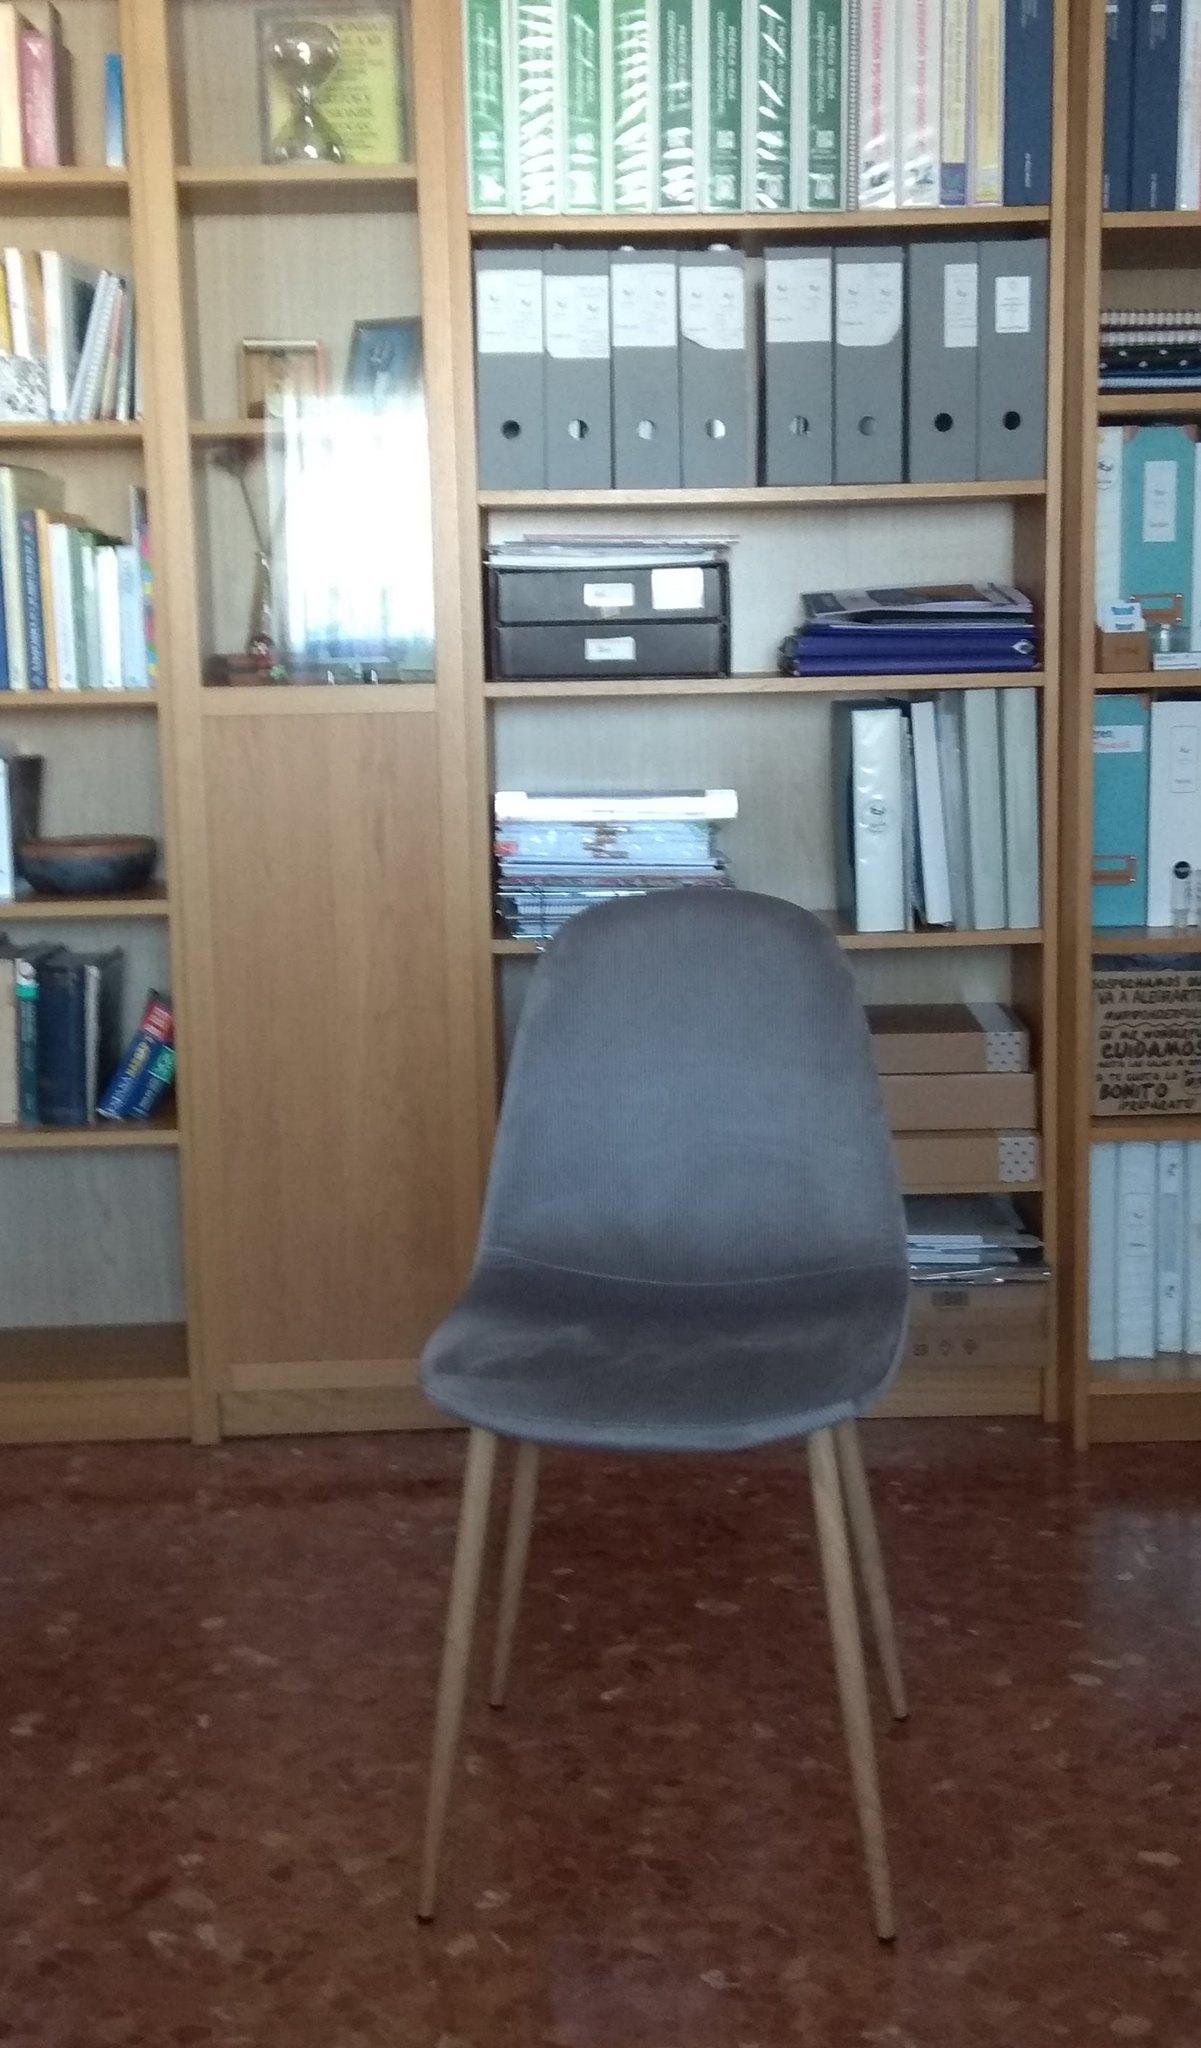 La soledad de la entrevista